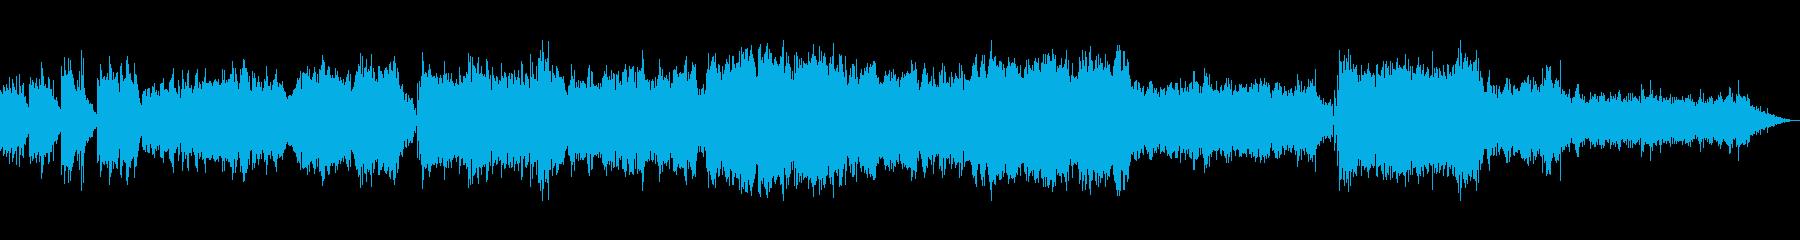 ピアノとストリングス中心のリラックスな曲の再生済みの波形